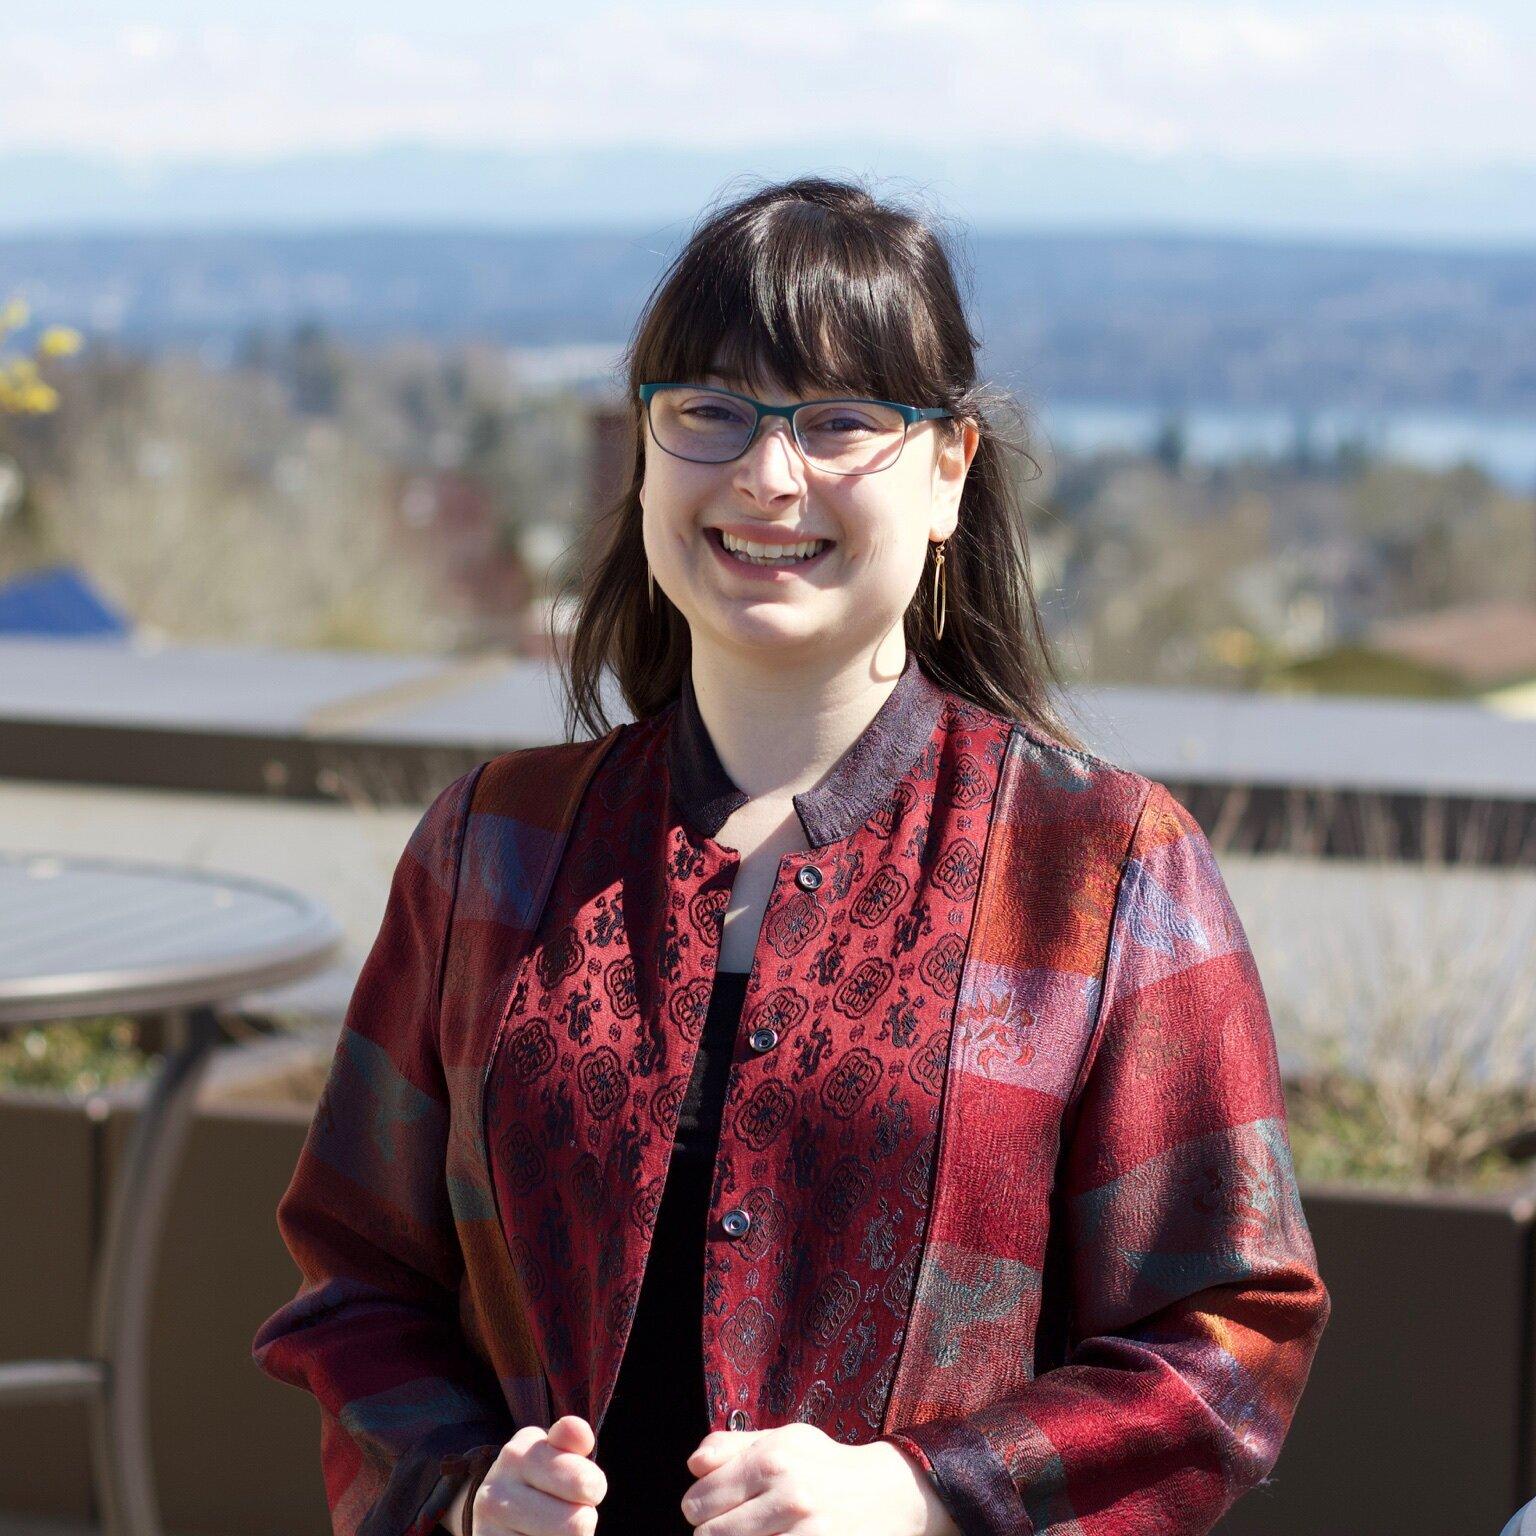 Madeline Kardos, Candid.org